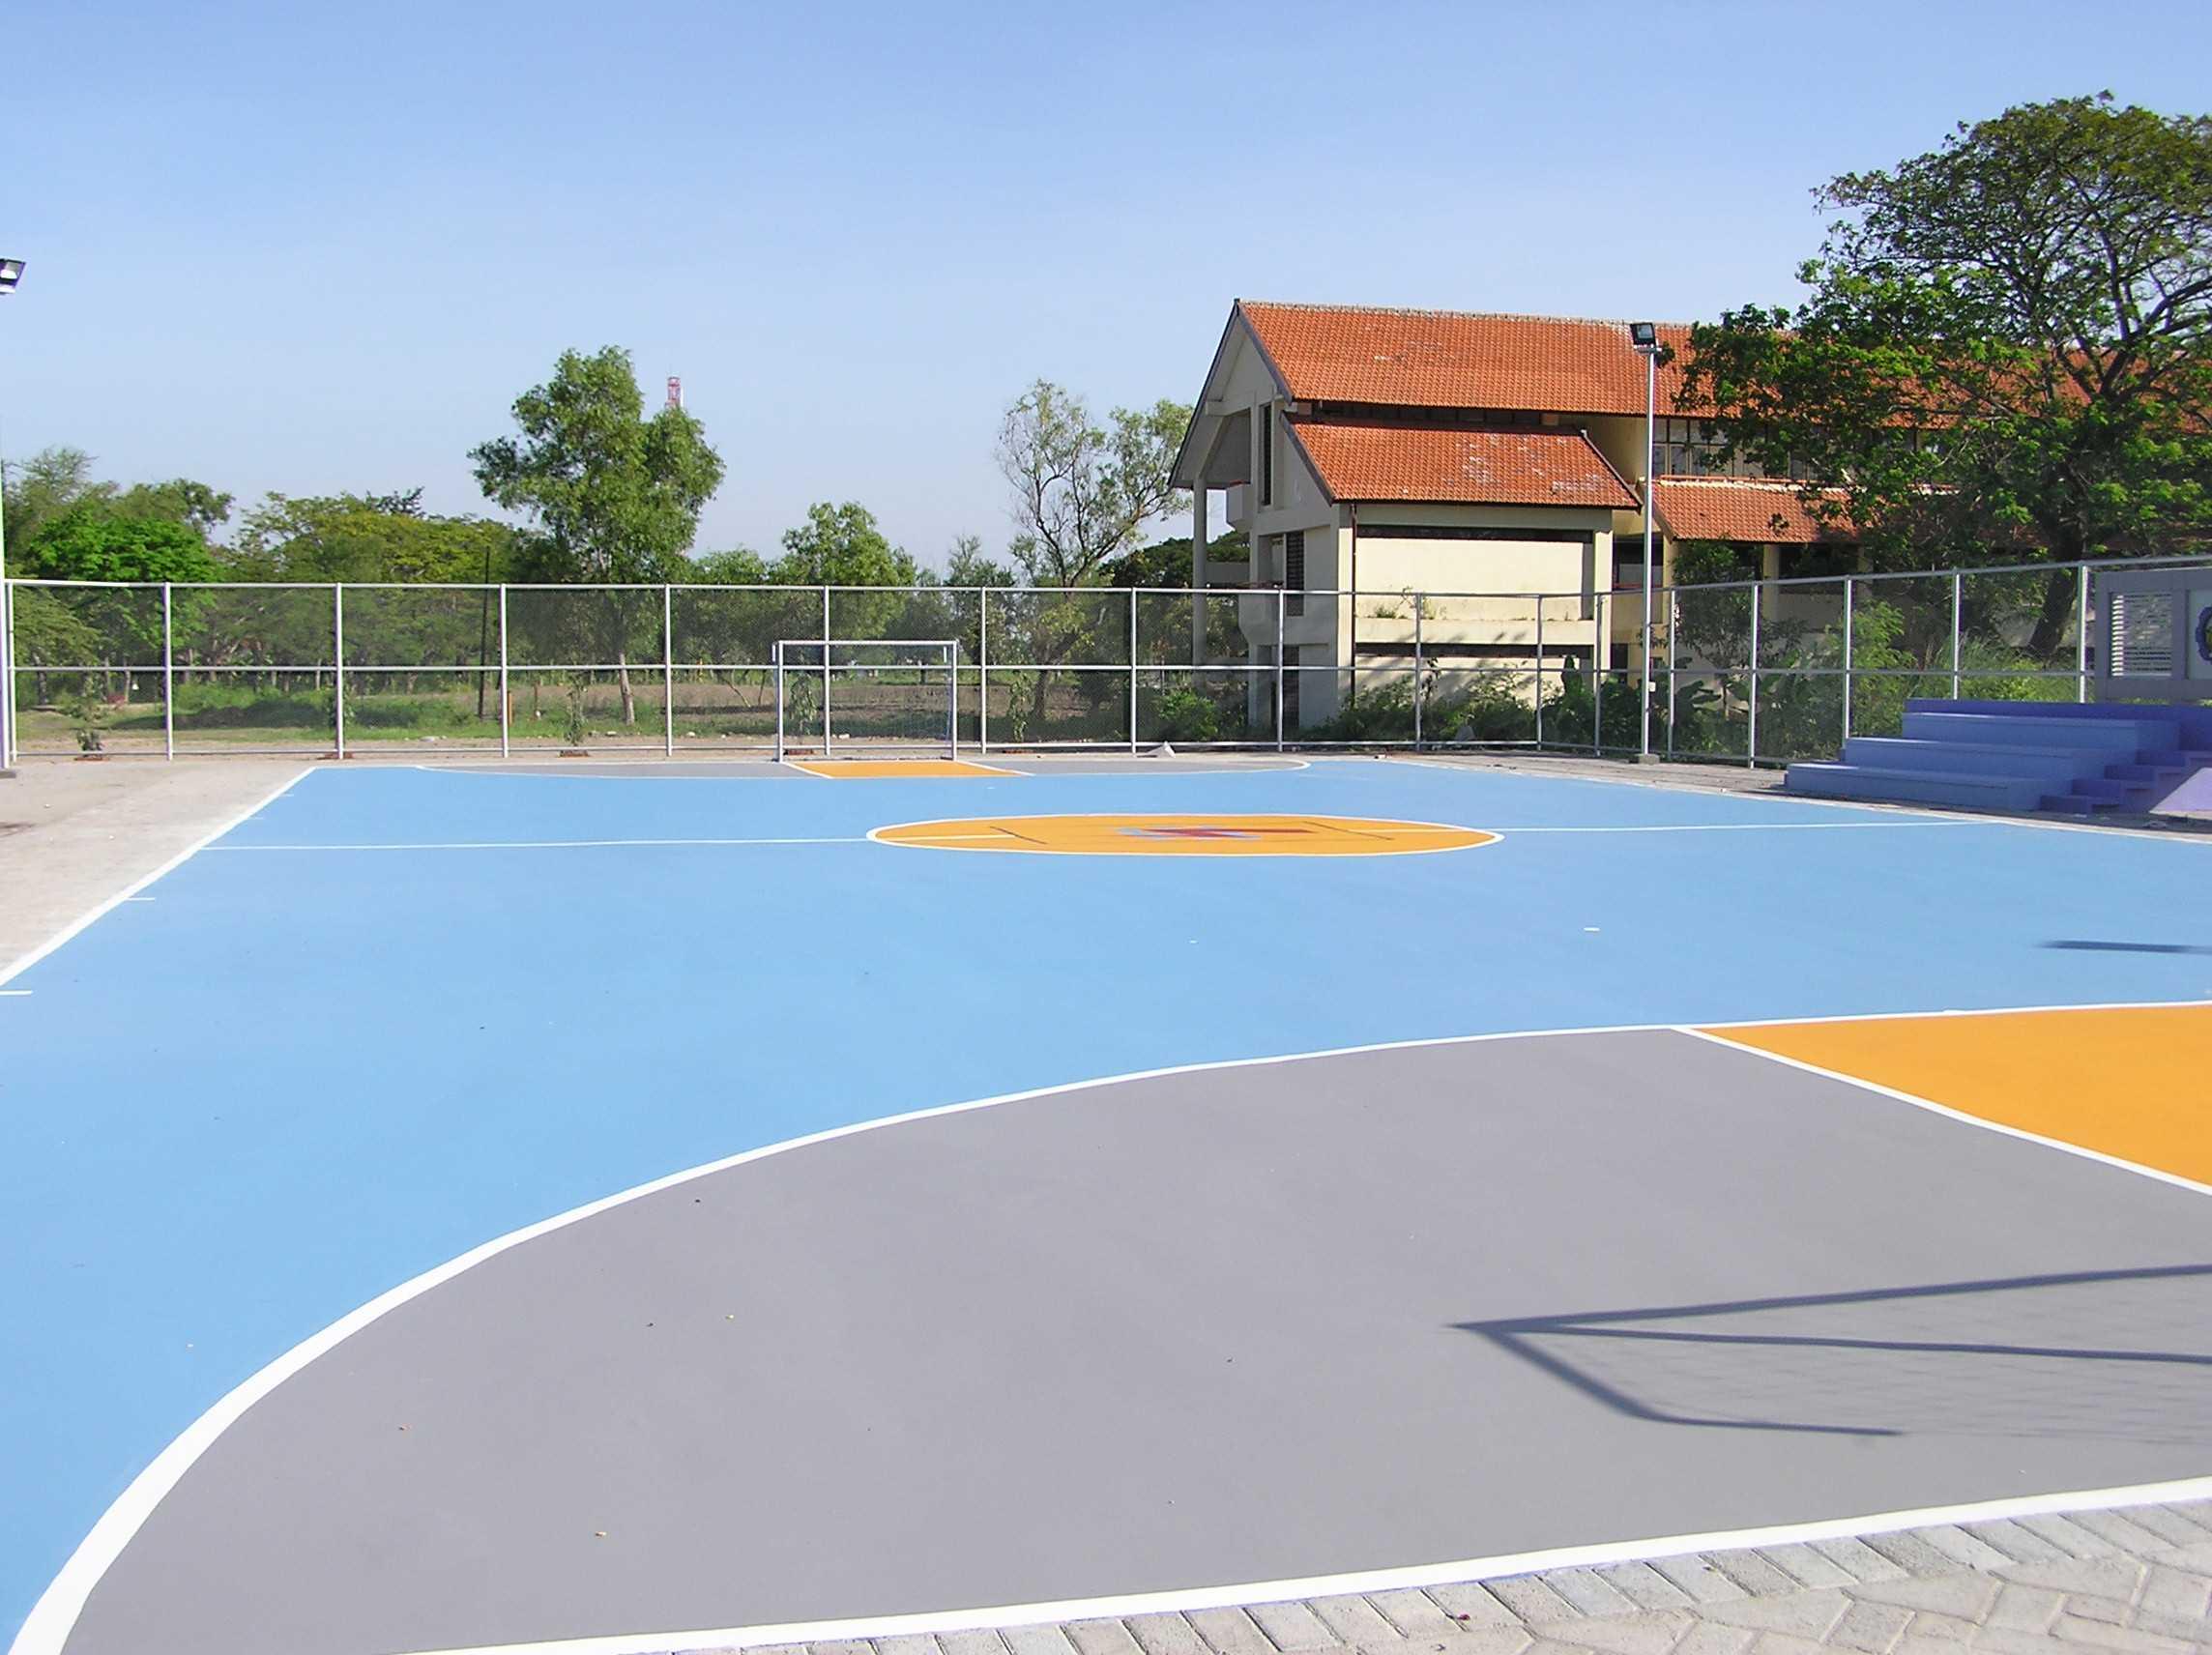 Ega Cipta Pratama Lapangan Futsal Its Kota Sby, Jawa Timur, Indonesia Kota Sby, Jawa Timur, Indonesia Ega-Cipta-Pratama-Lapangan-Futsal-Its   55444